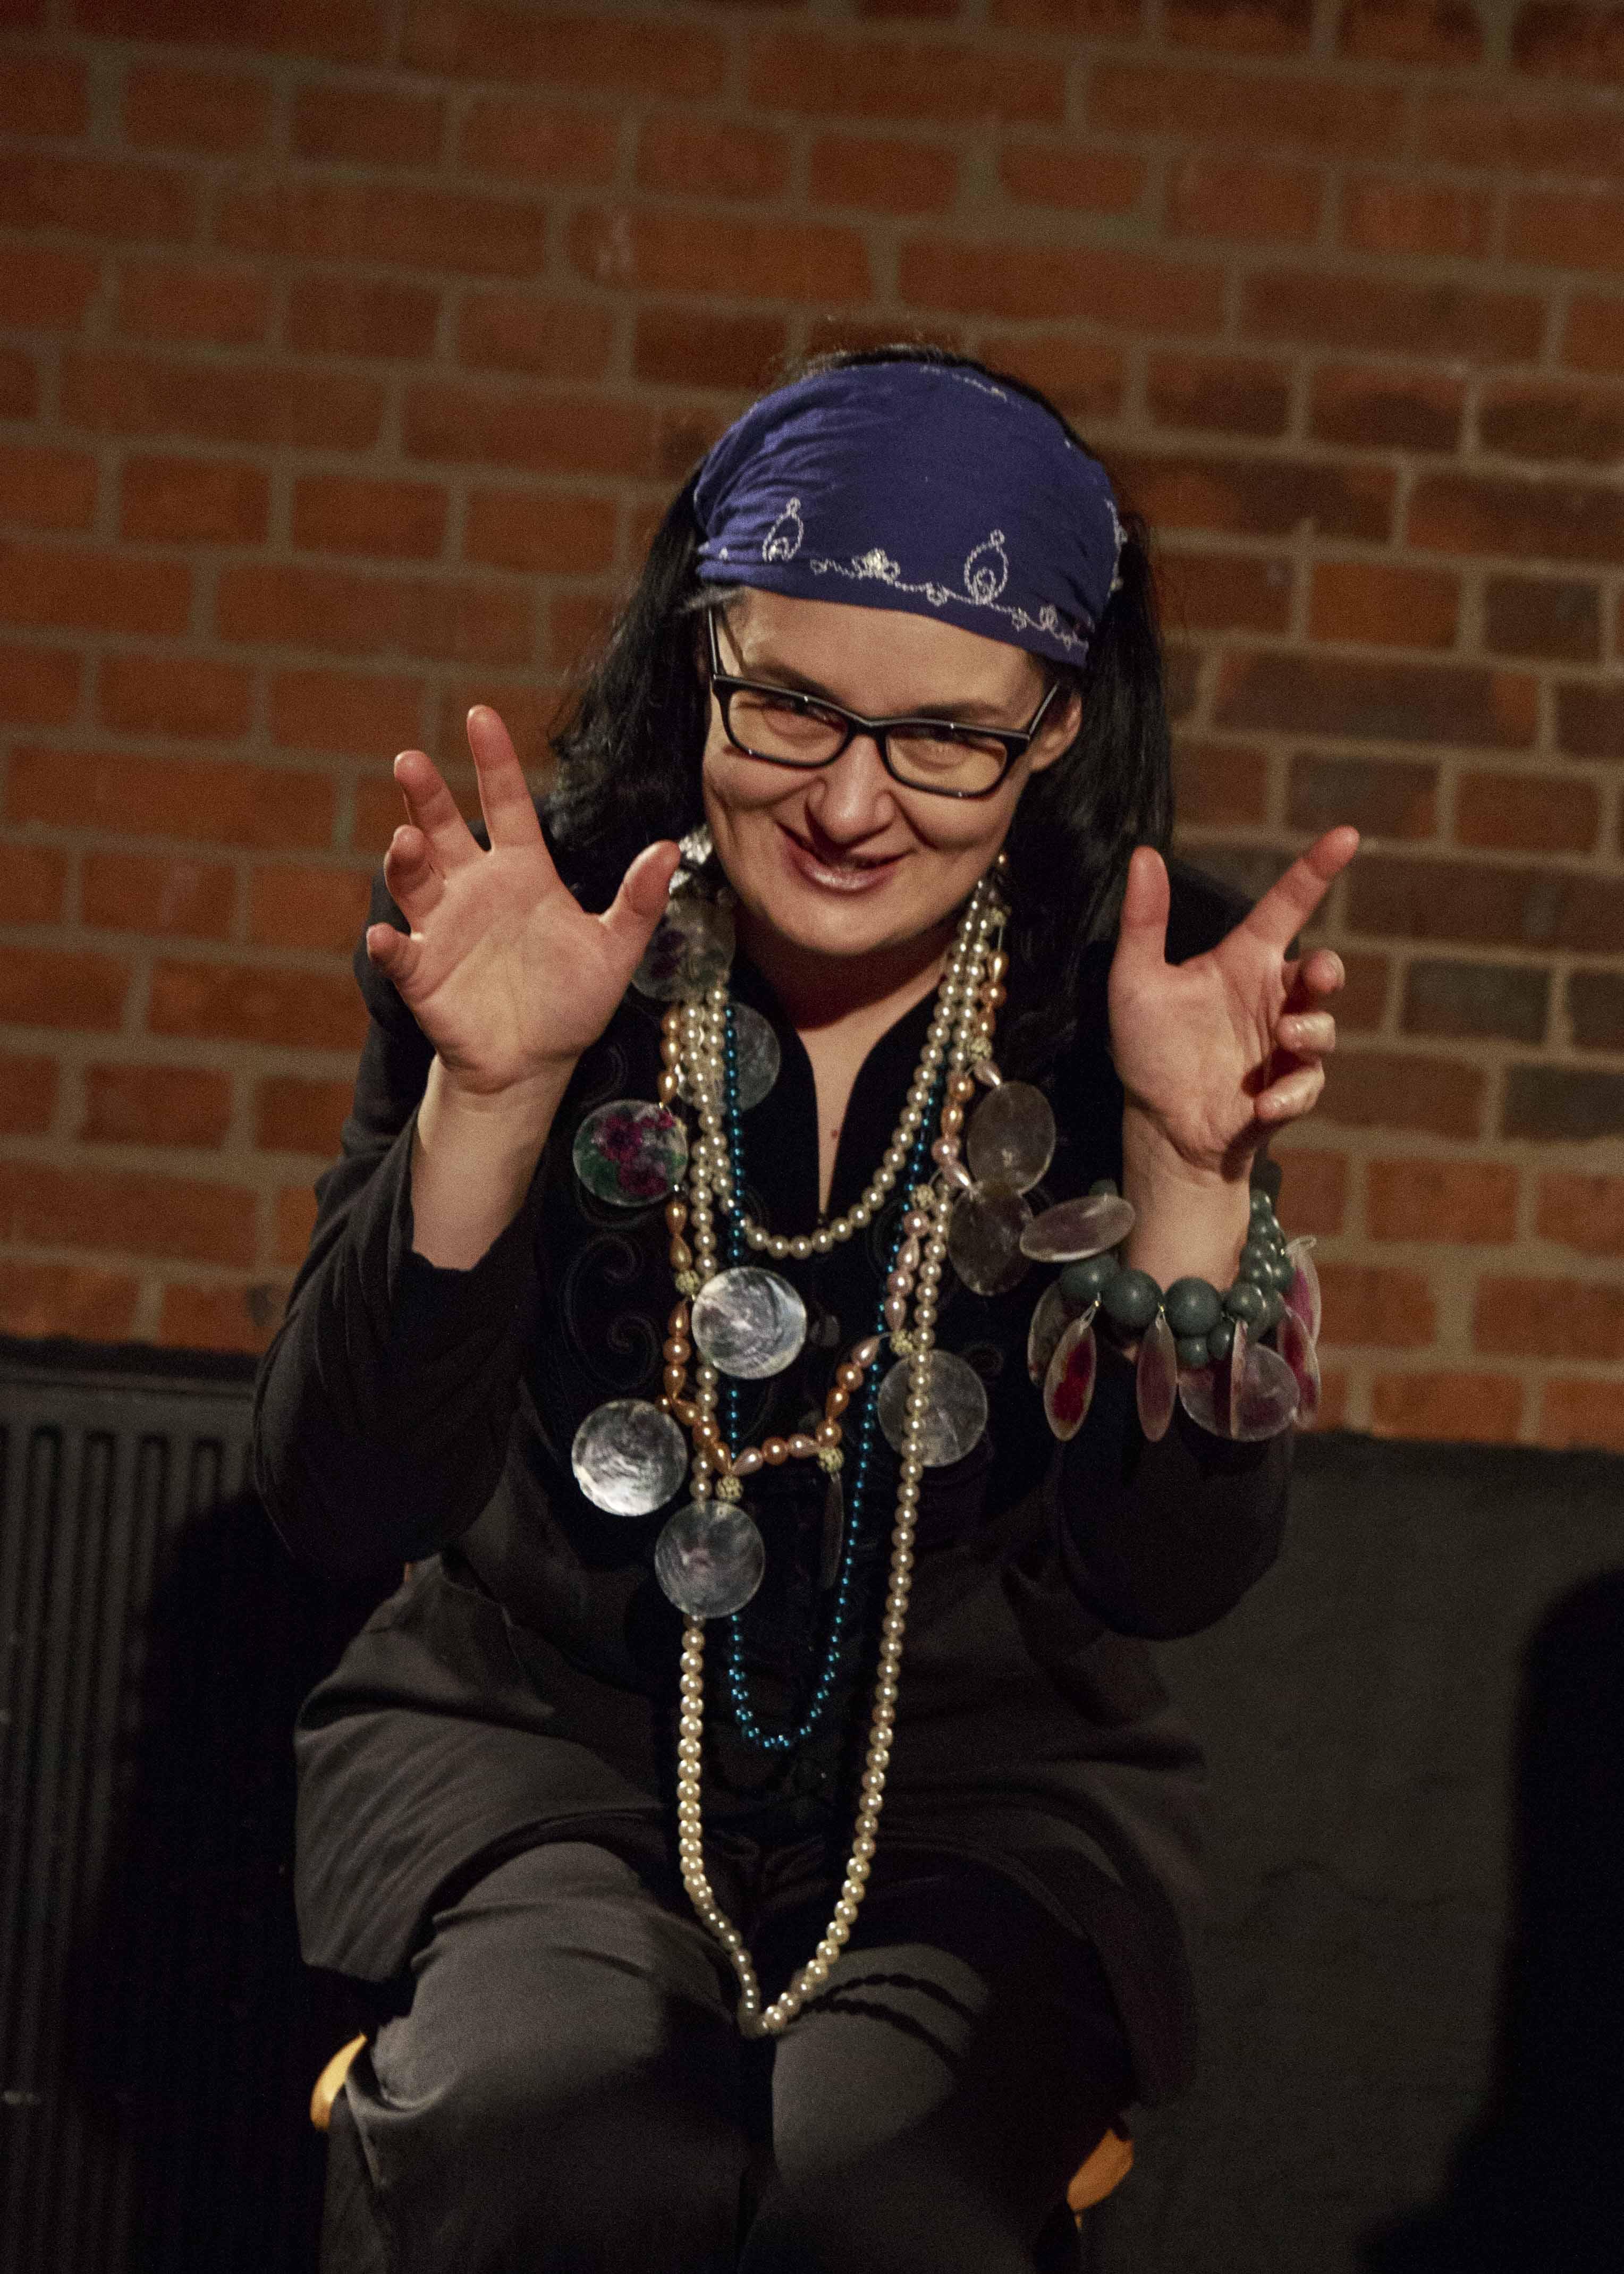 Zdjęcie ze spektaklu Dzielnice cudów. Aktorka przebrana za cygankę usmiecha się do obiektywu.